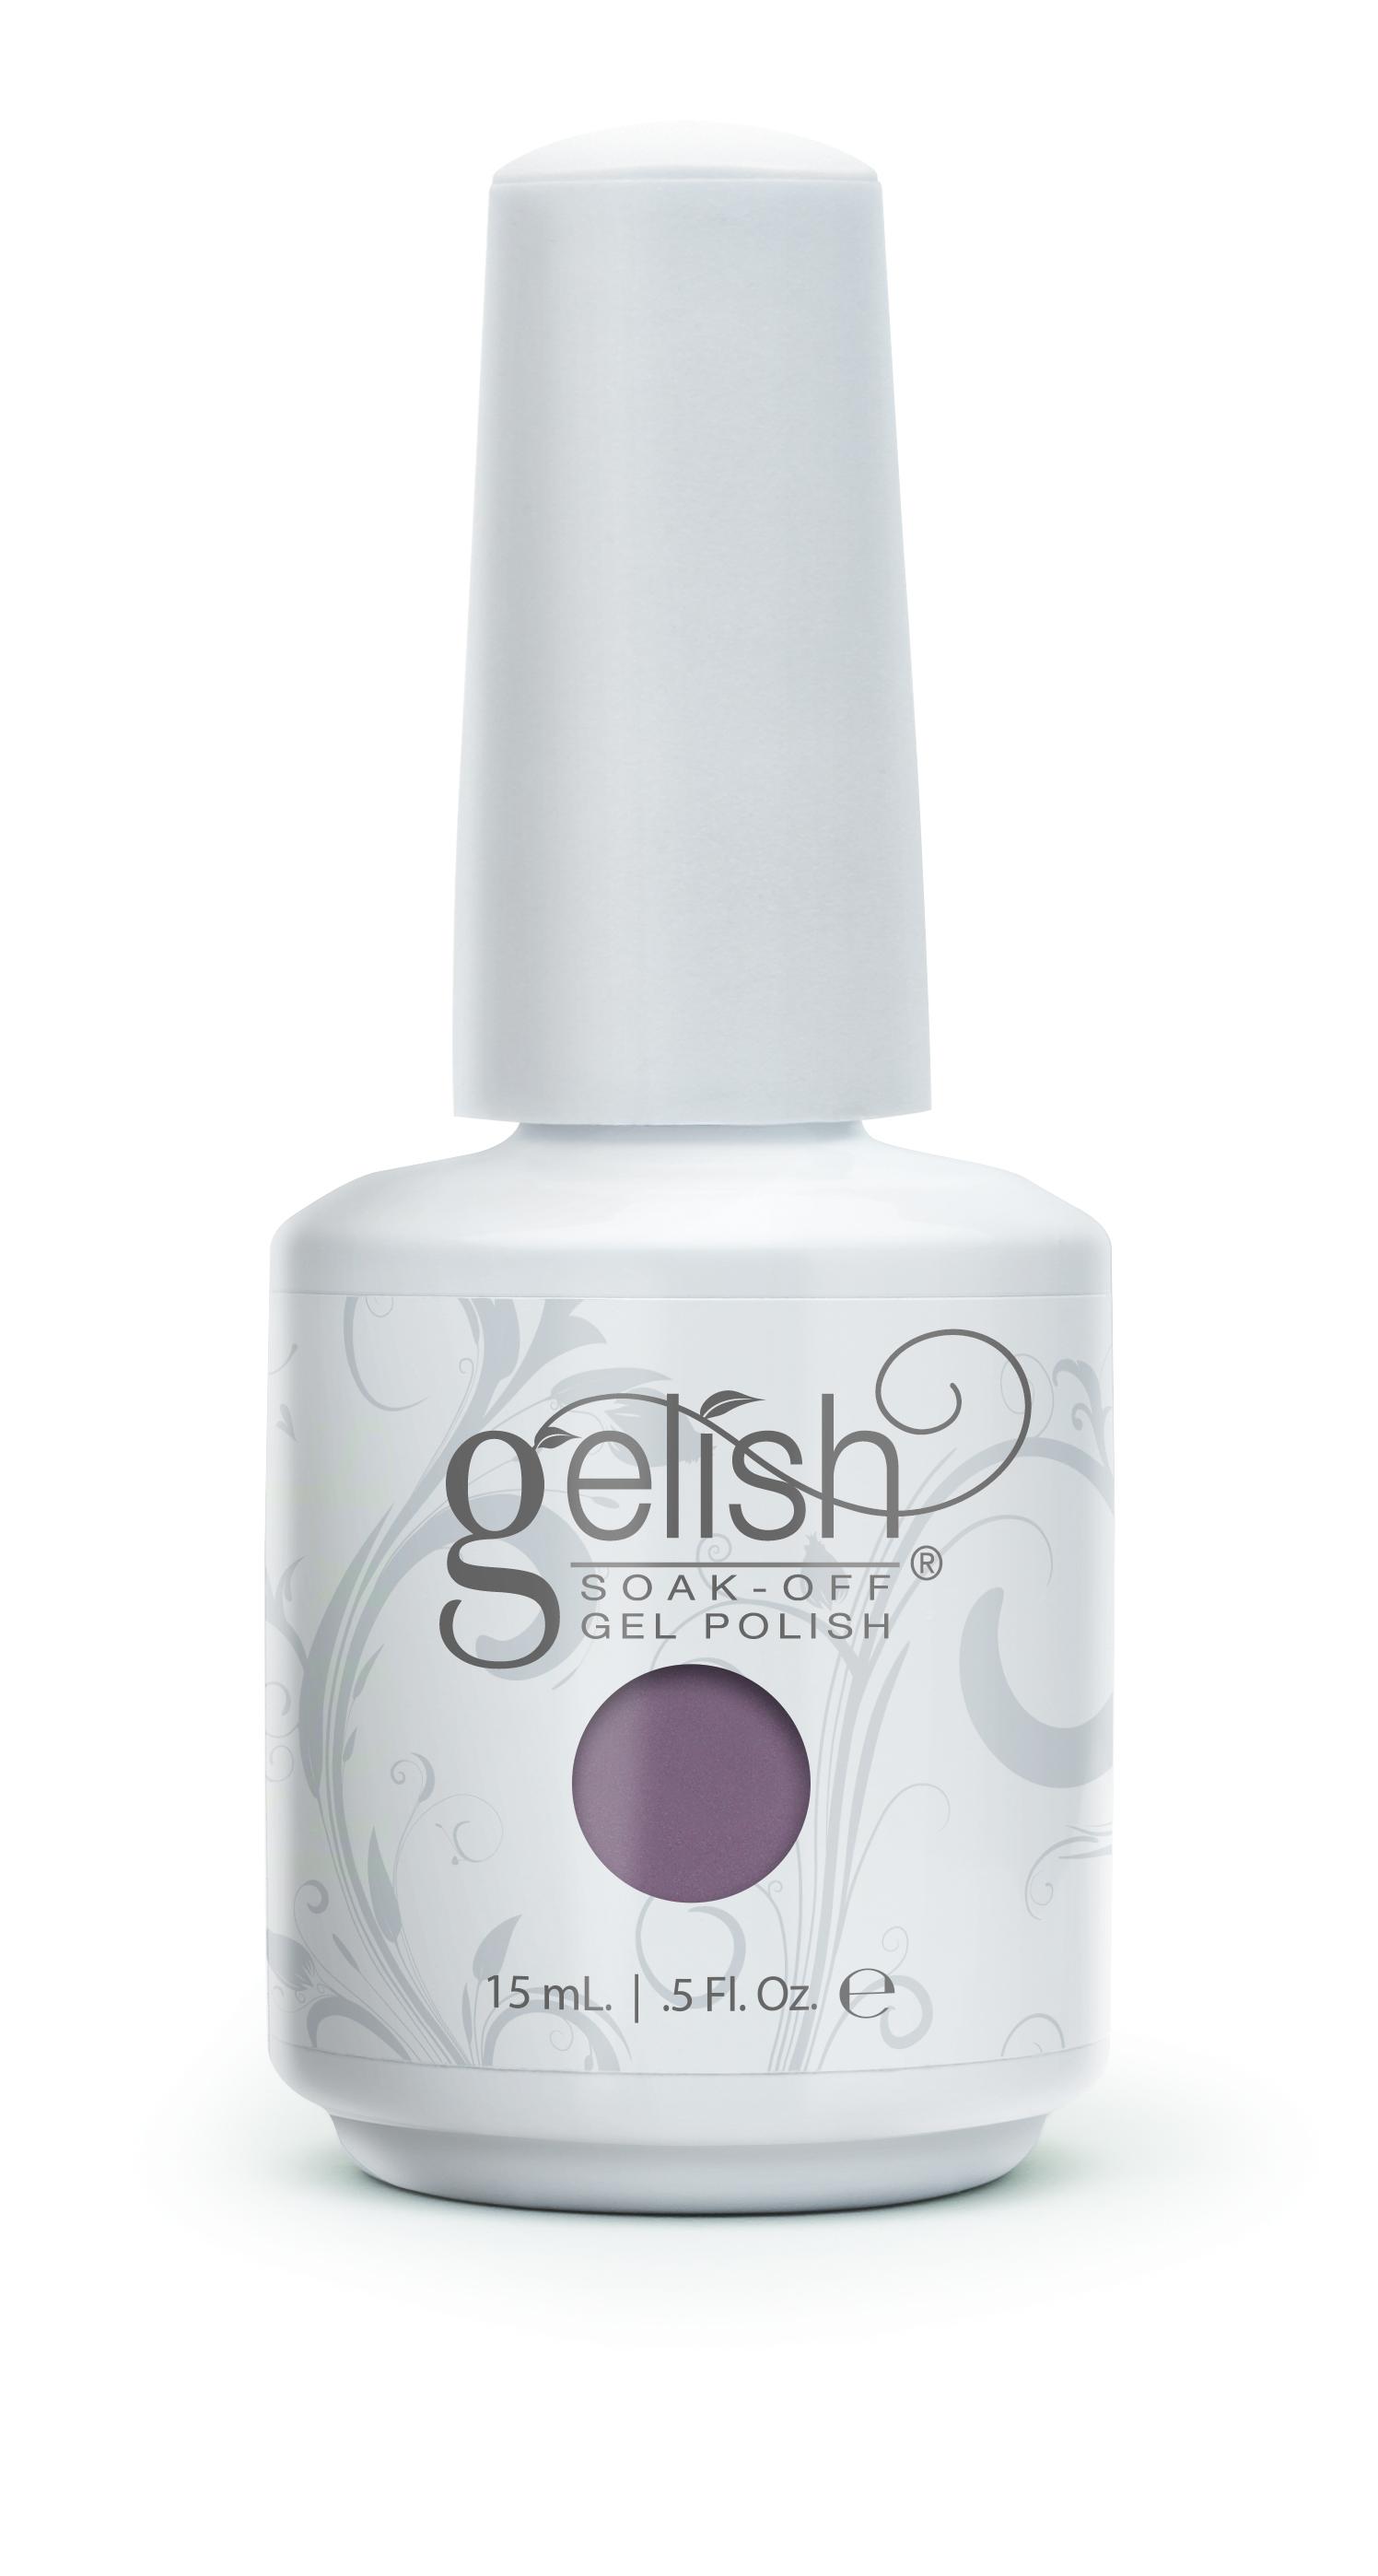 GELISH Гель-лак From Rodeo To Rodeo Drive / GELISH 15млГель-лаки<br>Гель-лак Gelish наносится на ноготь как лак, с помощью кисточки под колпачком. Процедура нанесения схожа с&amp;nbsp;нанесением обычного цветного покрытия. Все гель-лаки Harmony Gelish выполняют функцию еще и укрепляющего геля, делая ногти более прочными и длинными. Ногти клиента находятся под защитой гель-лака, они не ломаются и не расслаиваются. Гель-лаки Gelish после сушки в LED или УФ лампах держатся на натуральных ногтях рук до 3 недель, а на ногтях ног до 5 недель. Способ применения: Подготовительный этап. Для начала нужно сделать маникюр. В зависимости от ваших предпочтений это может быть европейский, классический обрезной, СПА или аппаратный маникюр. Главное, сдвинуть кутикулу с ногтевого ложа и удалить ороговевшие участки кожи вокруг ногтей. Особенностью этой системы является то, что перед нанесением базового слоя необходимо обработать ноготь шлифовочным бафом Harmony Buffer 100/180 грит, для того, чтобы снять глянец. Это поможет улучшить сцепку покрытия с ногтем. Пыль, которая осталась после опила, излишки жира и влаги удаляются с помощью обезжиривателя Бондер / GELISH pH Bond 15&amp;nbsp;мл или любого другого дегитратора. Нанесение искусственного покрытия Harmony.&amp;nbsp; После того, как подготовительные процедуры завершены, можно приступать непосредственно к нанесению искусственного покрытия Harmony Gelish. Как и все гелевые лаки, продукцию этого бренда необходимо полимеризовать в лампе. Гель-лаки Gelish сохнут (полимеризуются) под LED или УФ лампой. Время полимеризации: В LED лампе 18G/6G = 30 секунд В LED лампе Gelish Mini Pro = 45 секунд В УФ лампах 36 Вт = 120 секунд В УФ лампе Harmony Mini Portable UV Light = 180 секунд ПРИМЕЧАНИЕ: подвергать полимеризации необходимо каждый слой гель-лакового покрытия! 1)Первым наносится тонкий слой базового покрытия Gelish Foundation Soak Off Base Gel 15 мл. 2)Следующий шаг   нанесение цветного гель-лака Harmony Gelish.&amp;nbsp; 3)Заключительный 